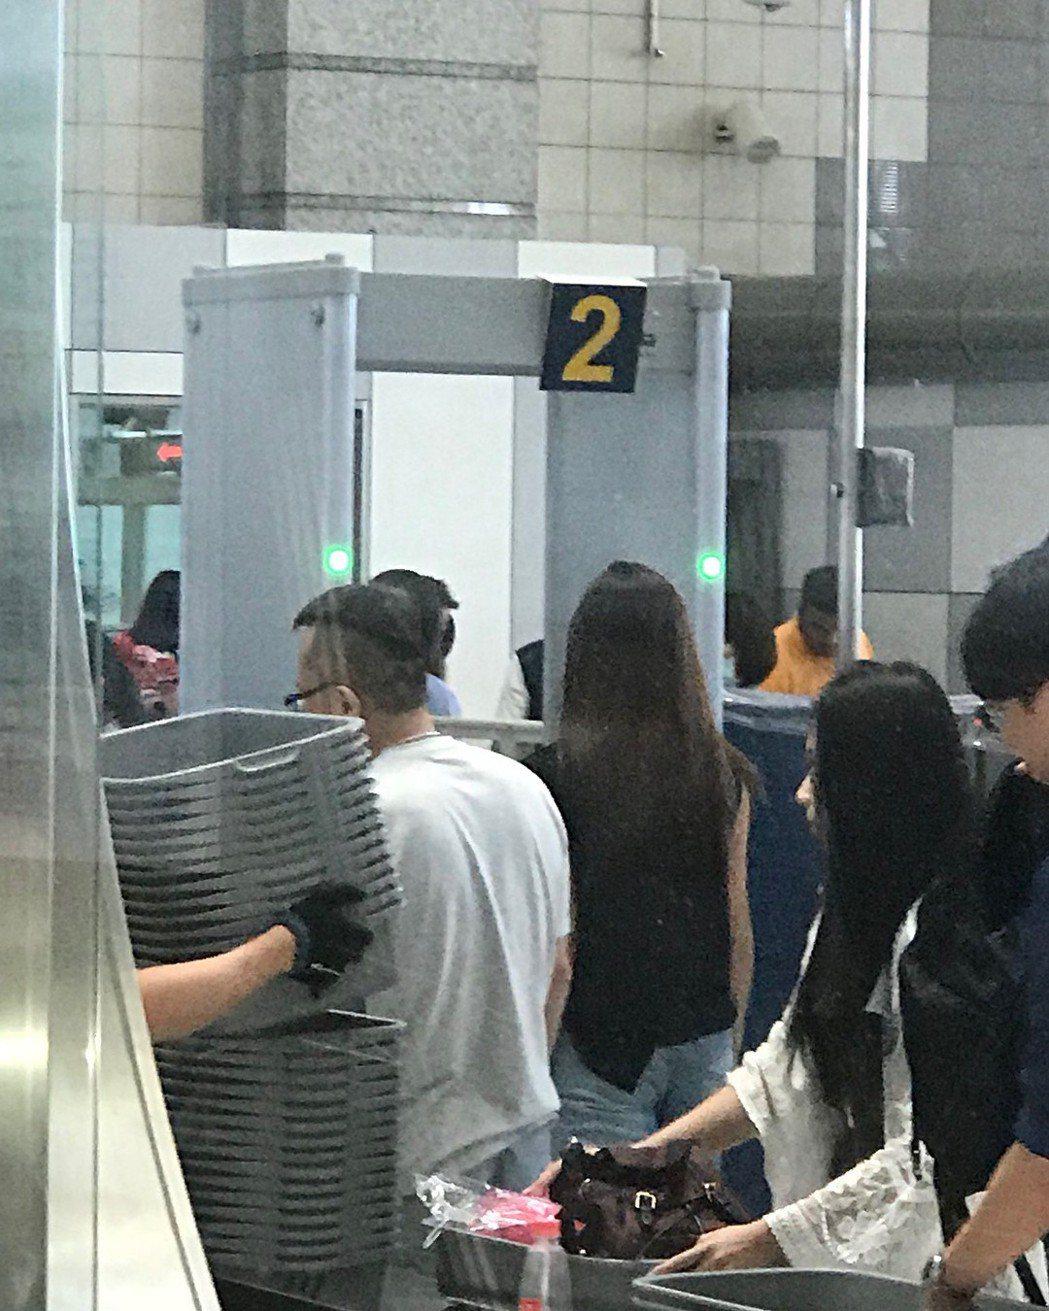 子瑜在媽媽陪伴下向機場櫃檯報到。圖/摘自IG